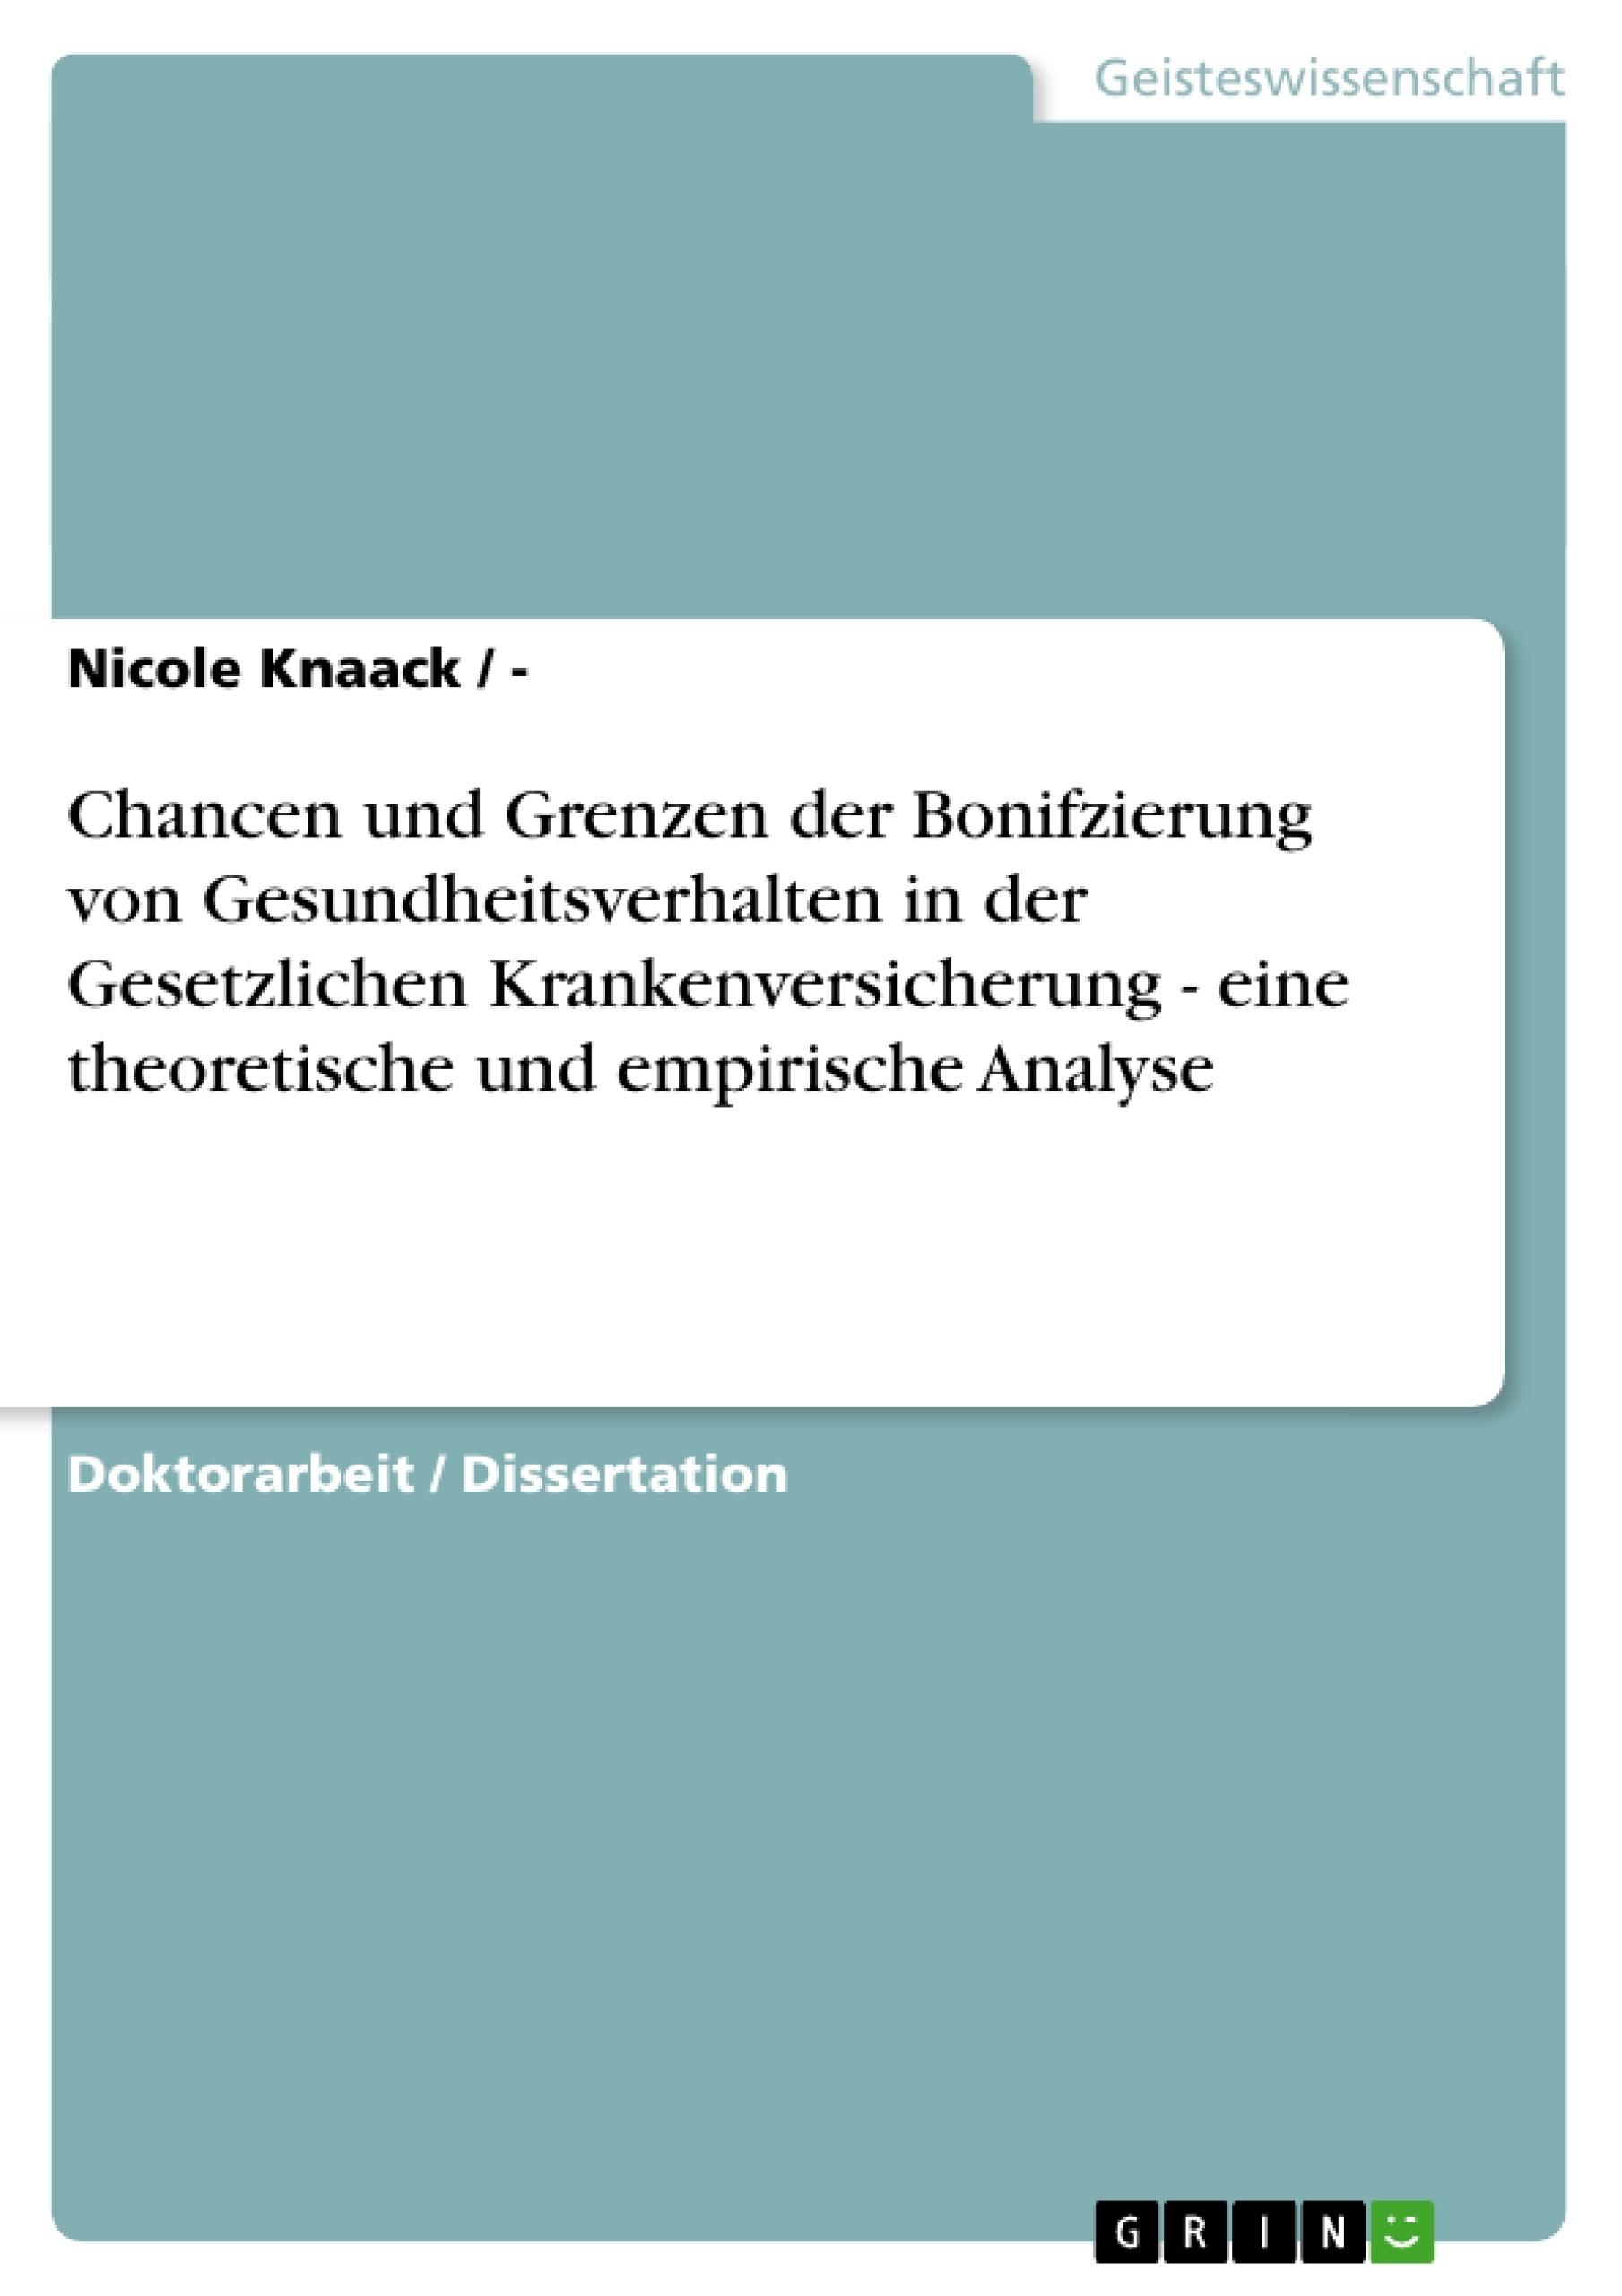 Titel: Chancen und Grenzen der Bonifzierung von Gesundheitsverhalten in der Gesetzlichen Krankenversicherung  -  eine theoretische und empirische Analyse